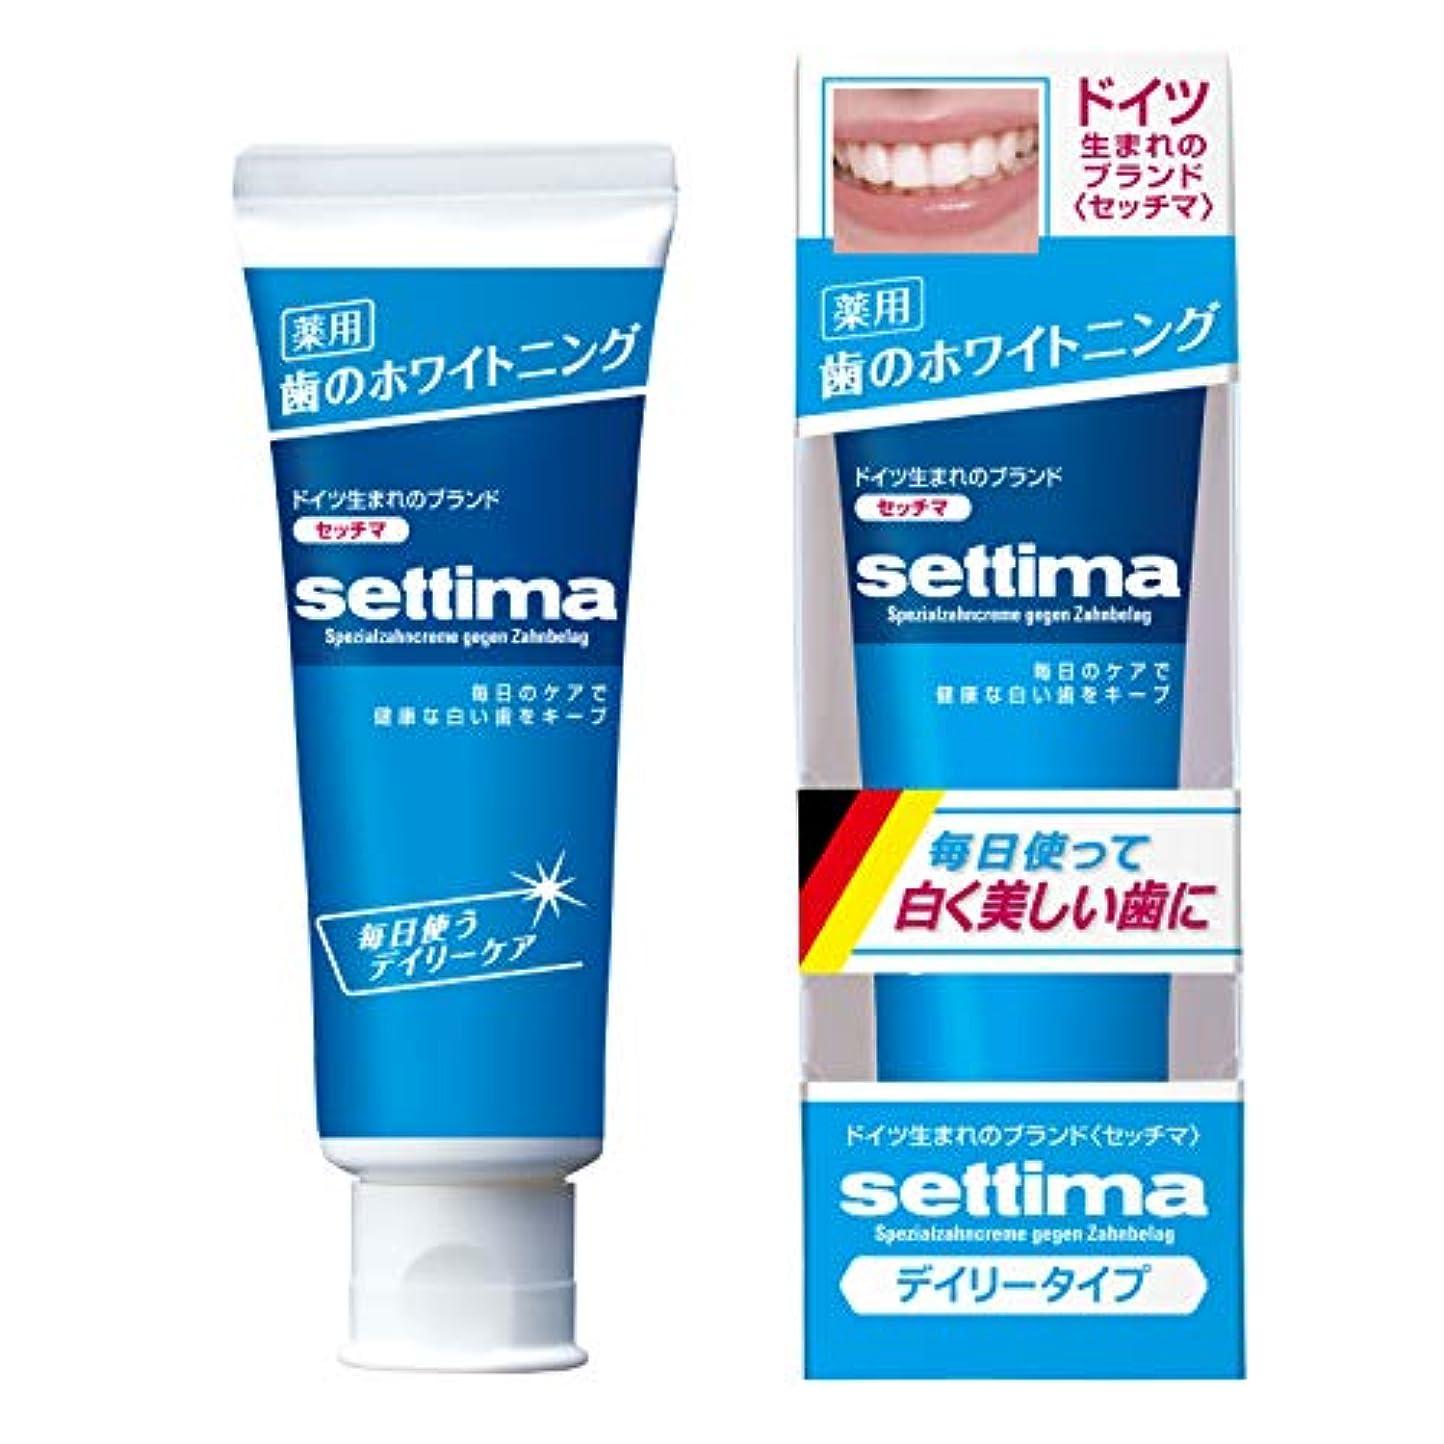 幹気がついてフィッティングsettima(セッチマ) ホワイトニング 歯みがき デイリーケア [ファインミントタイプ]  80g